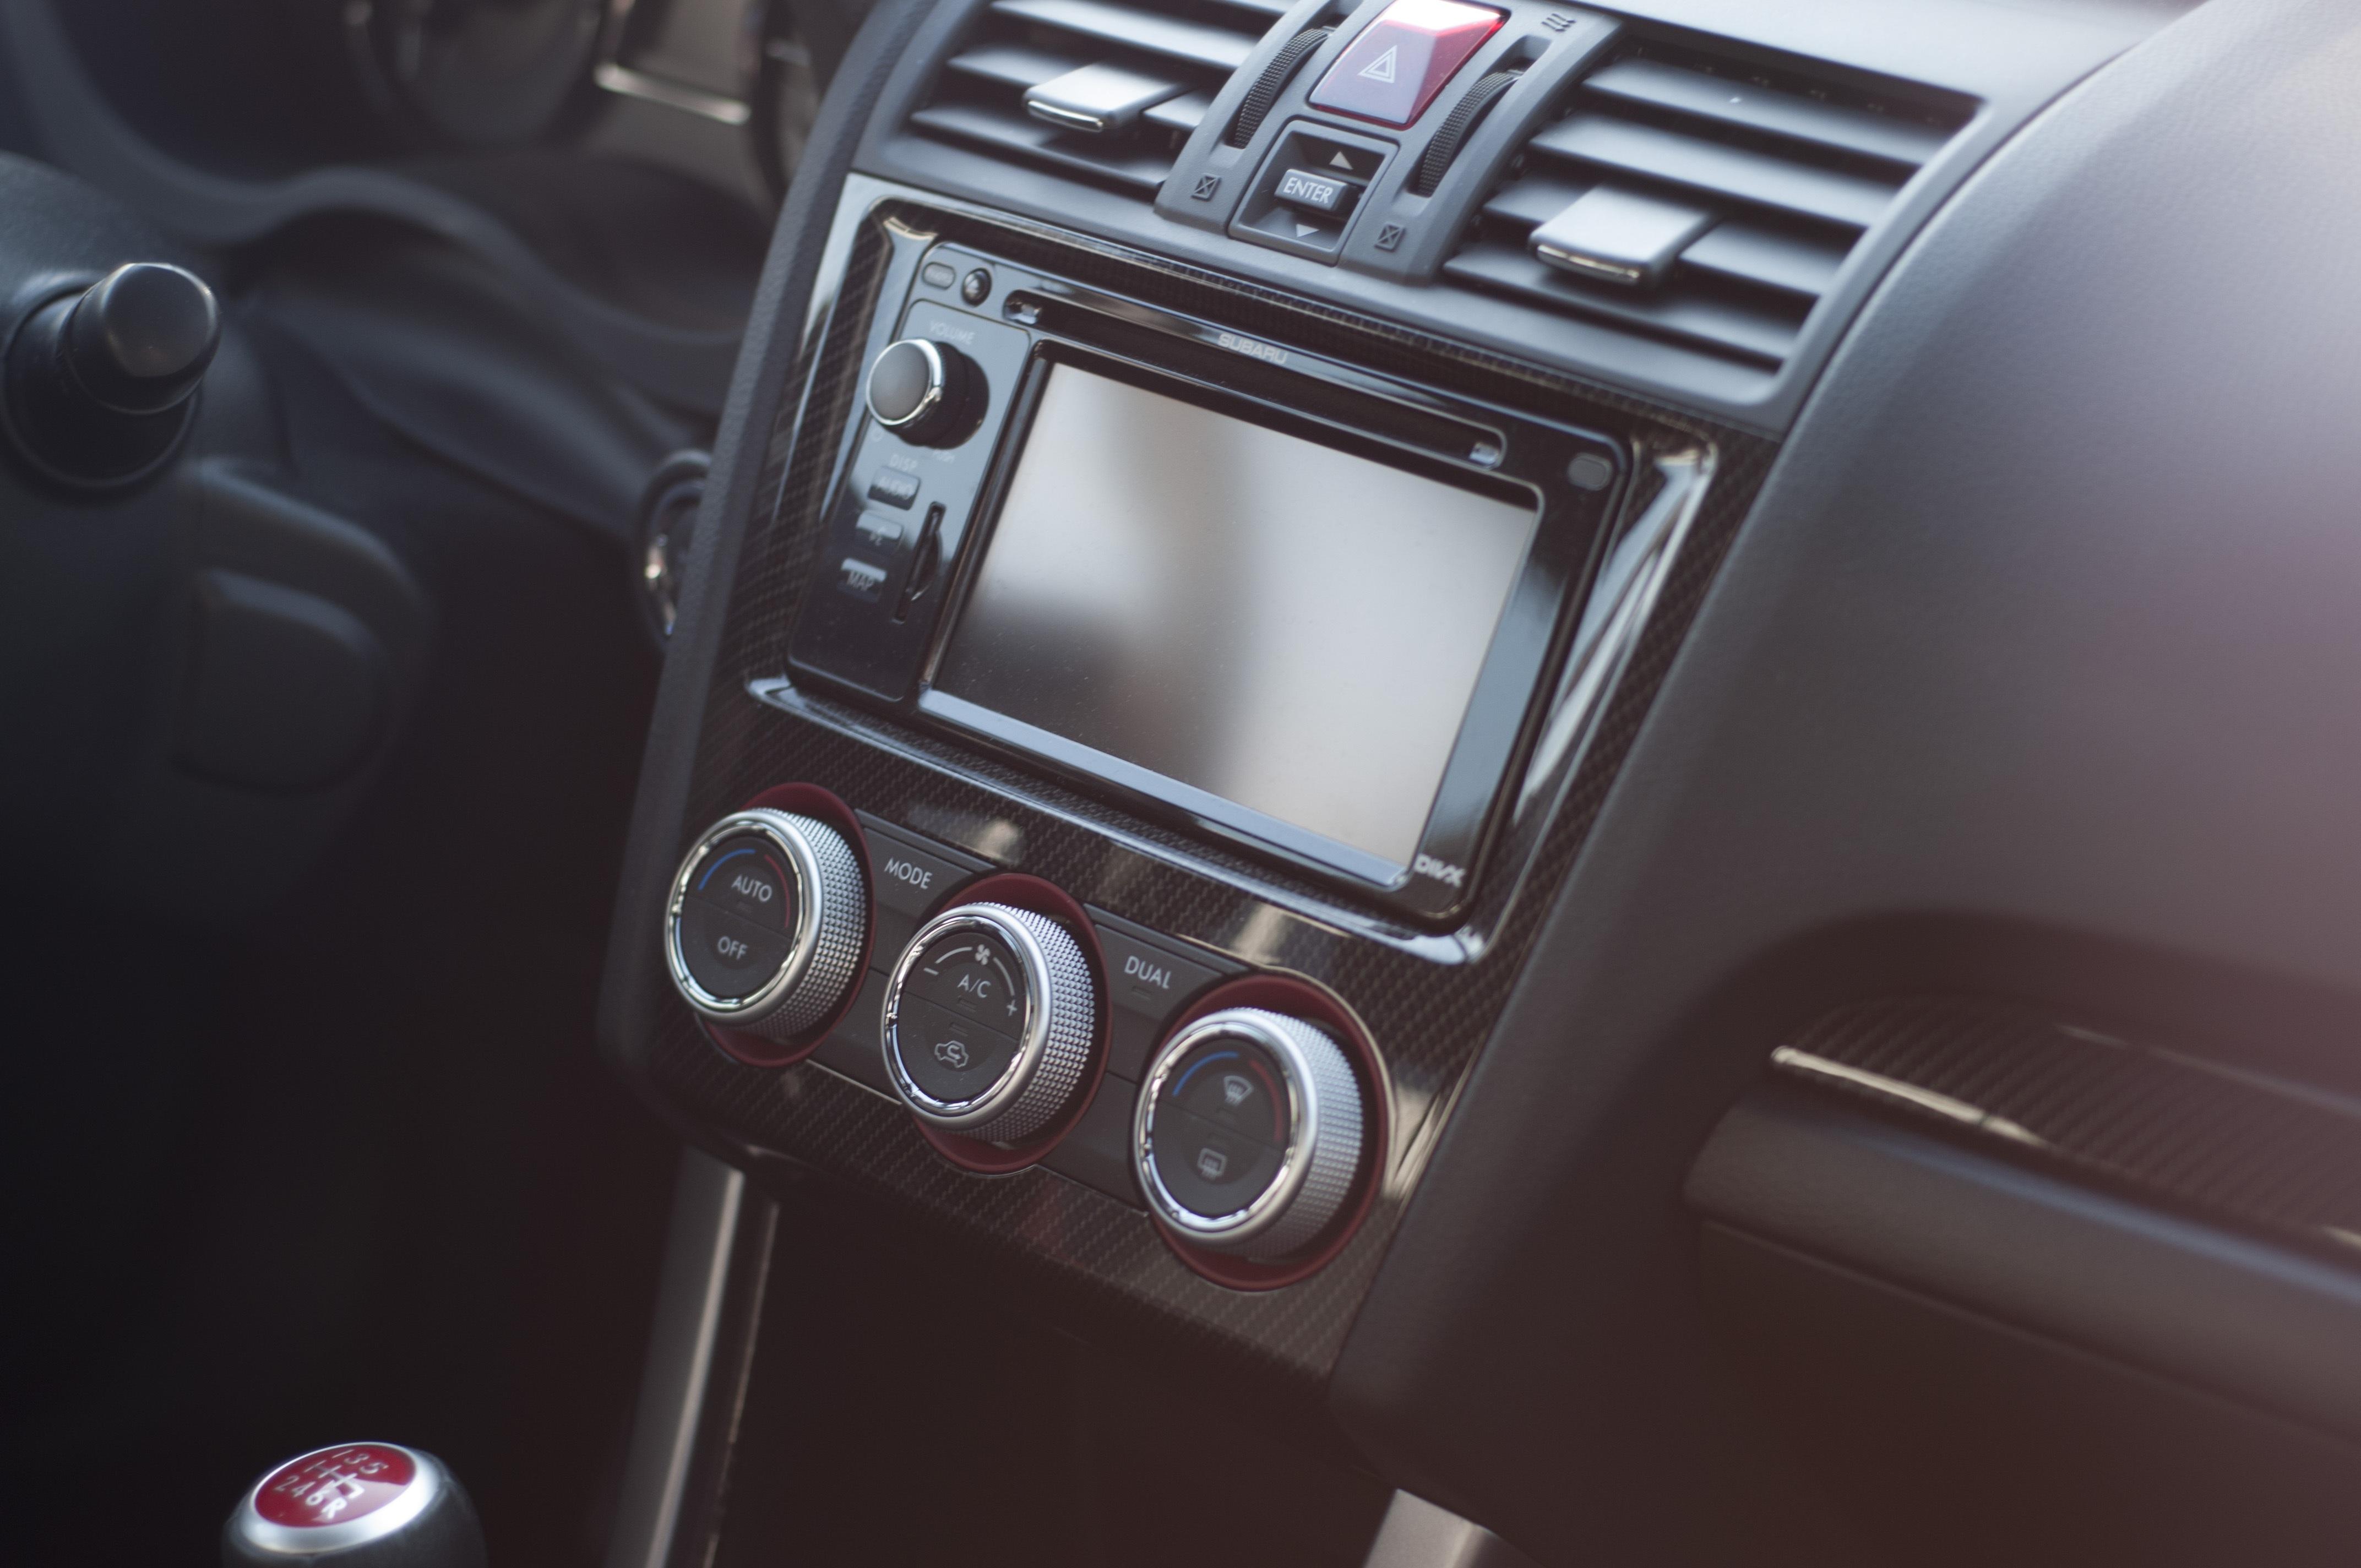 Le 14 novembre, la Commission européenne a décidé d'imposer le DAB+ aux autoradios vendus dans l'Union. © Chunchun / Pixabay